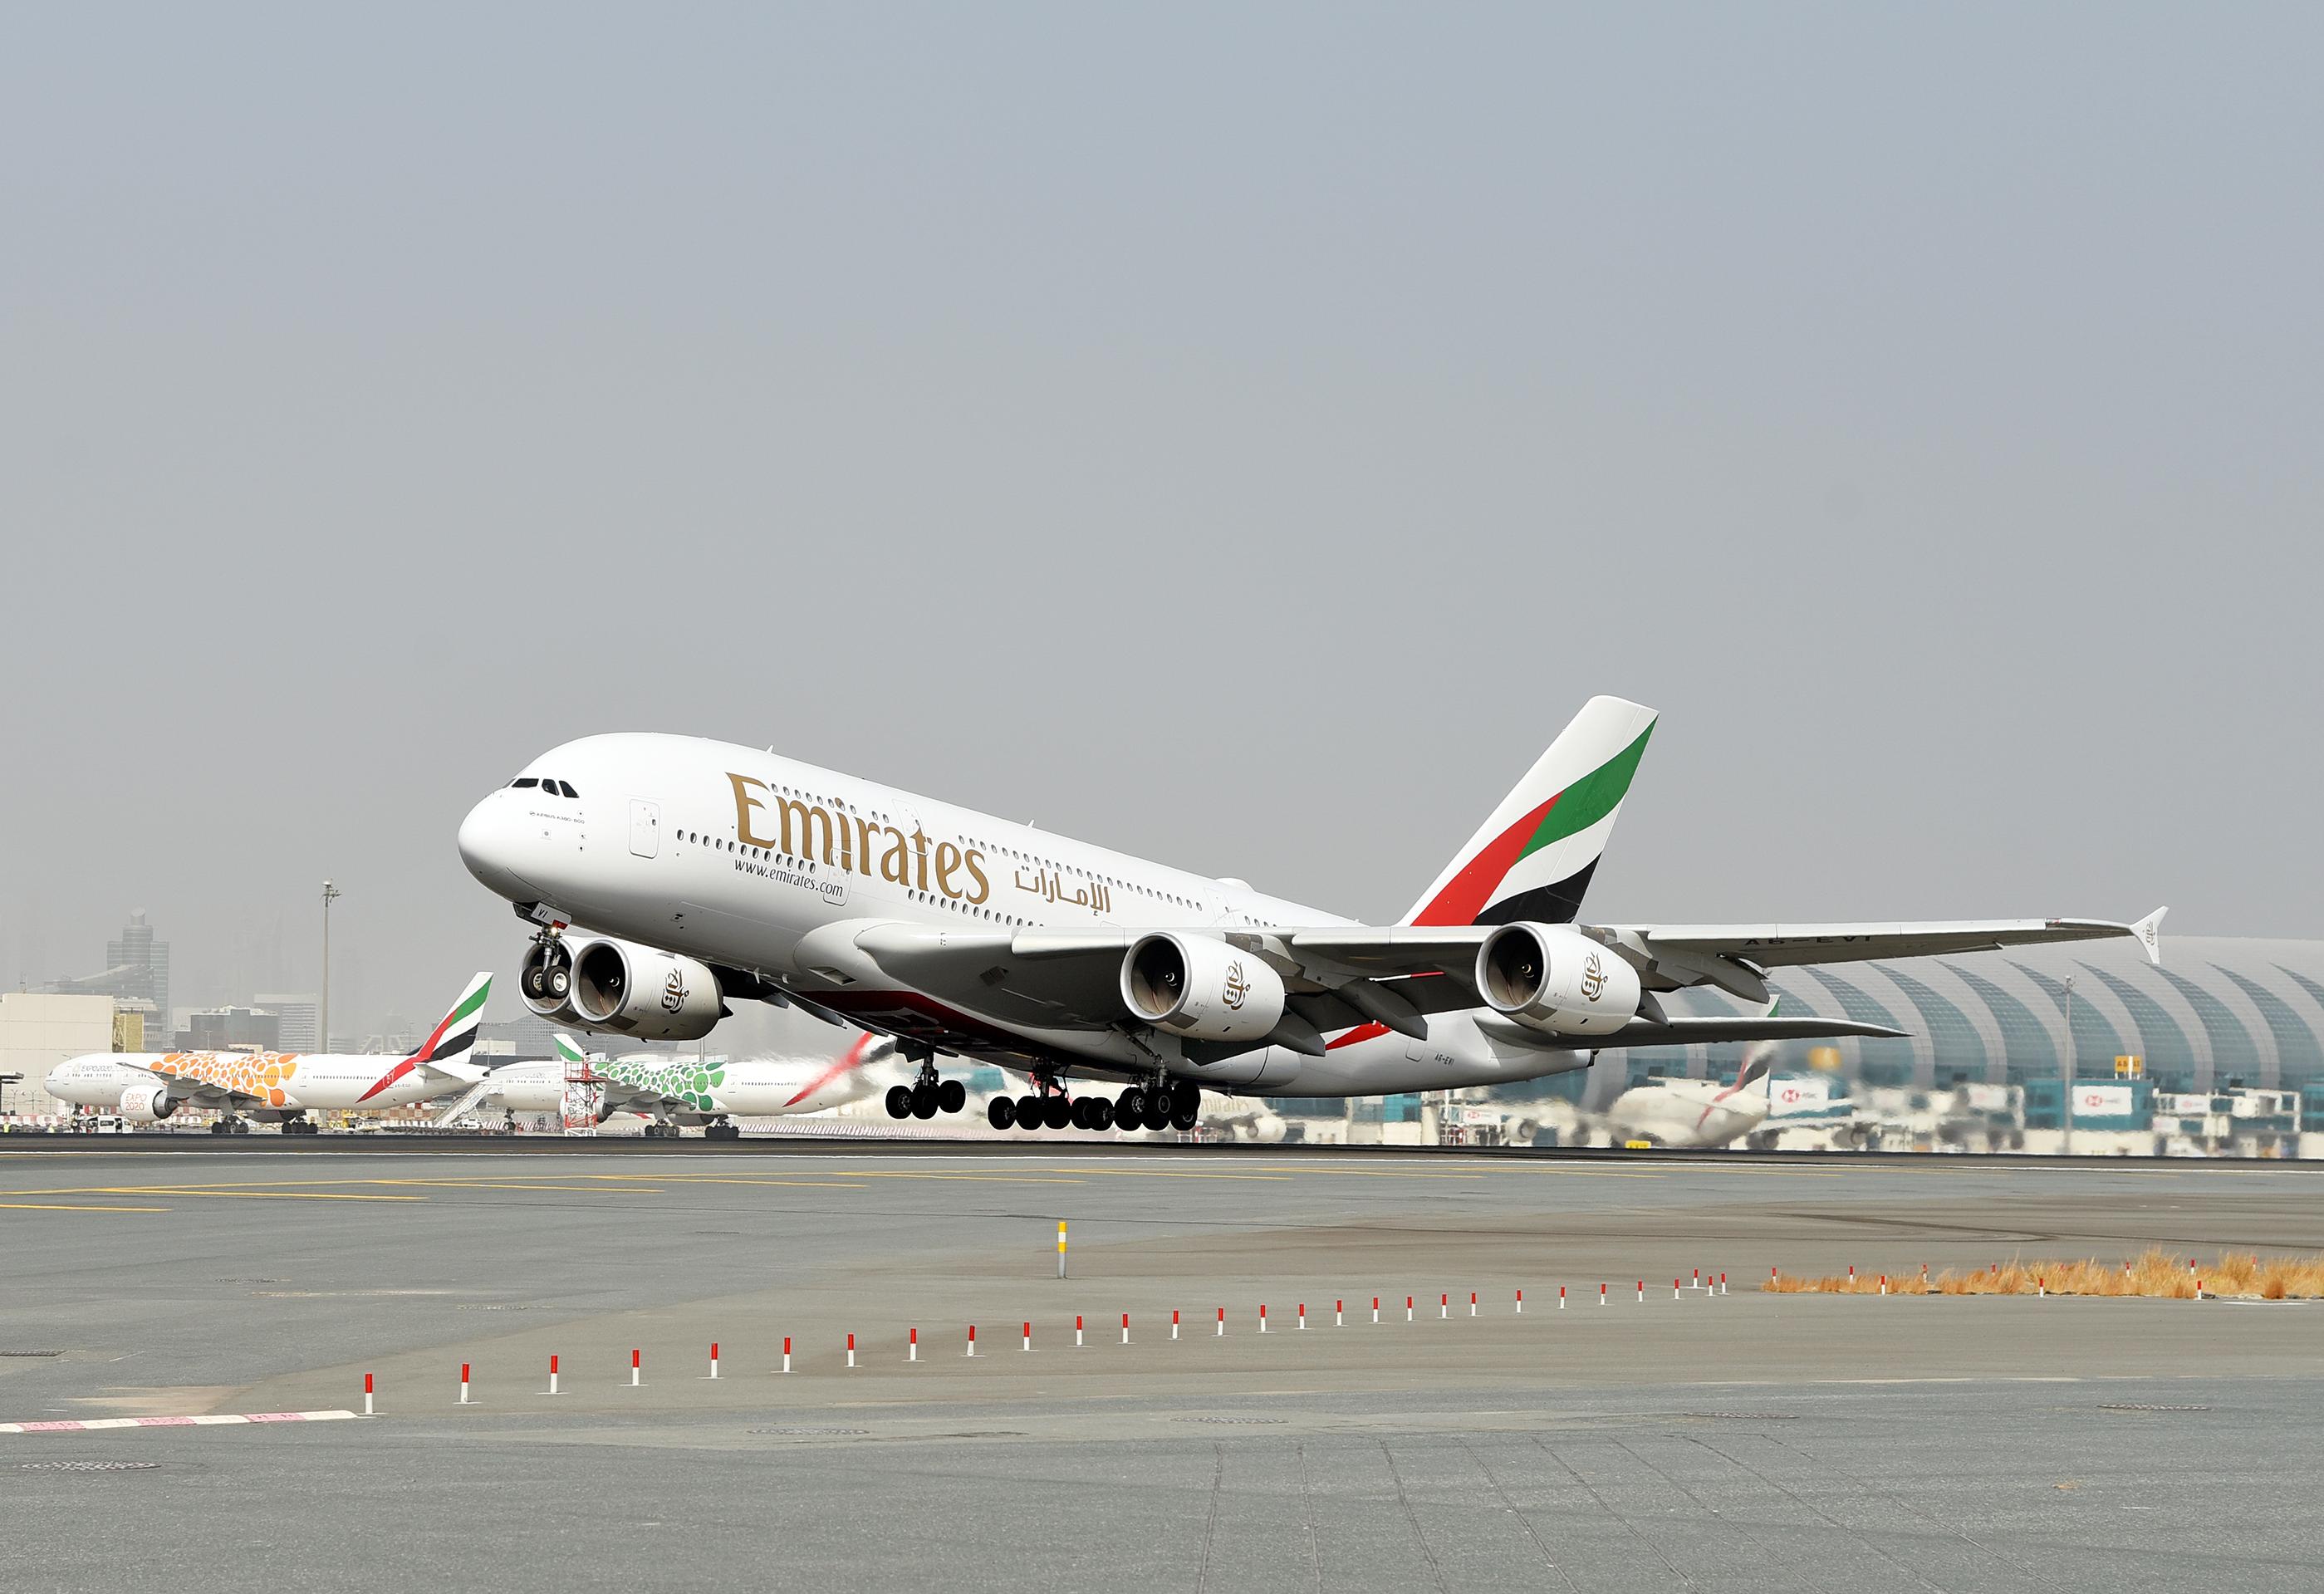 A legnagyobb A380-as üzemeltető megtartja a példányait